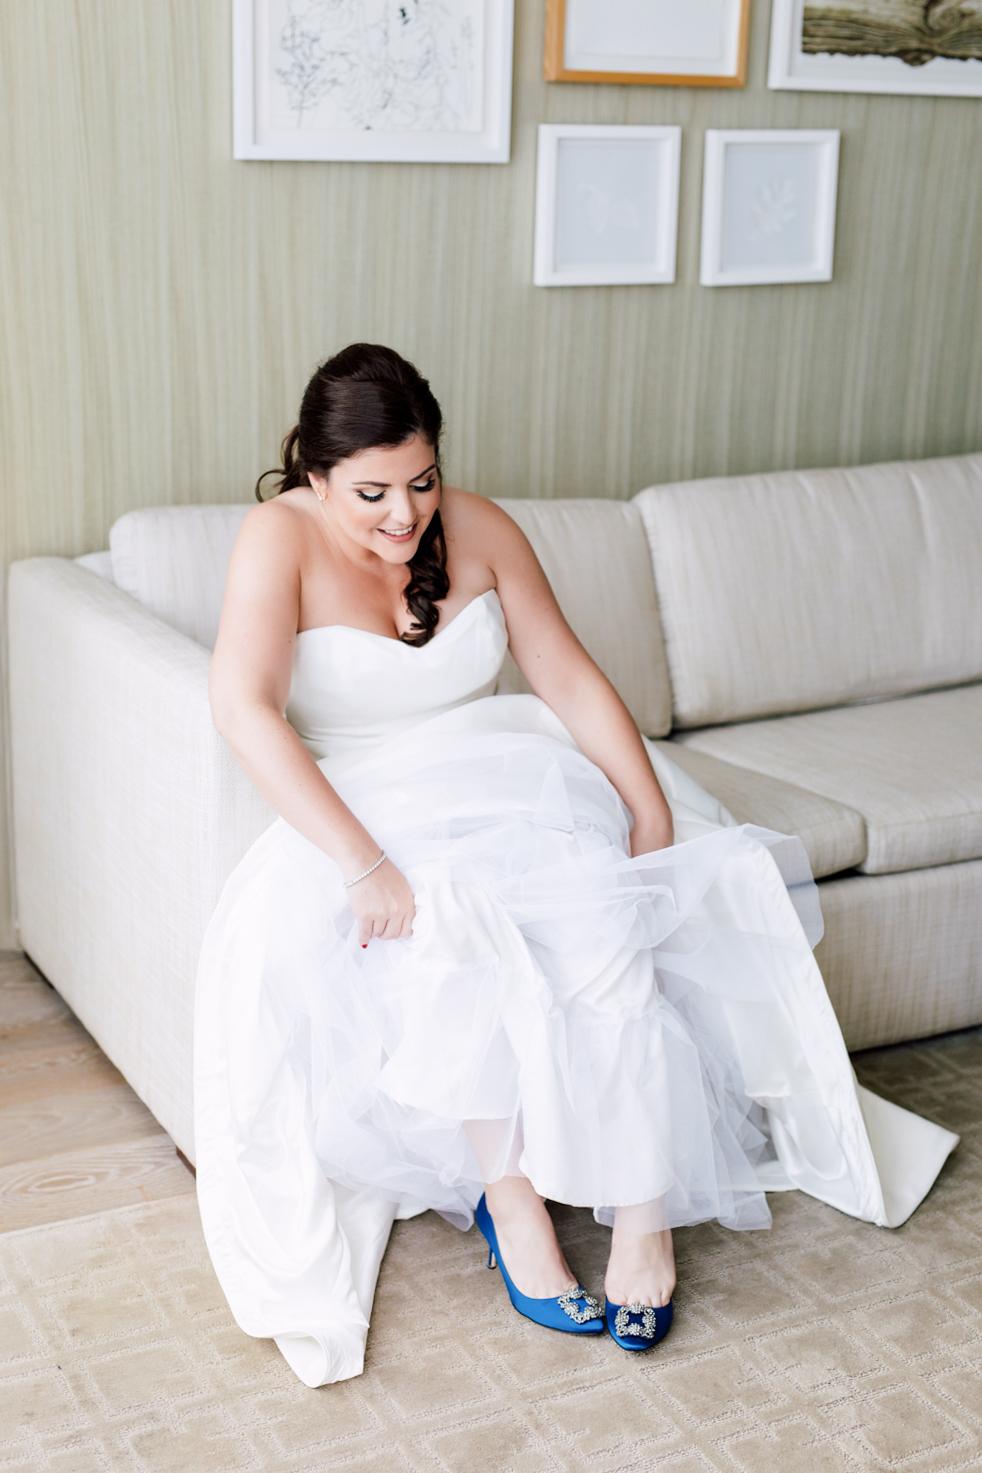 robert bullock dress